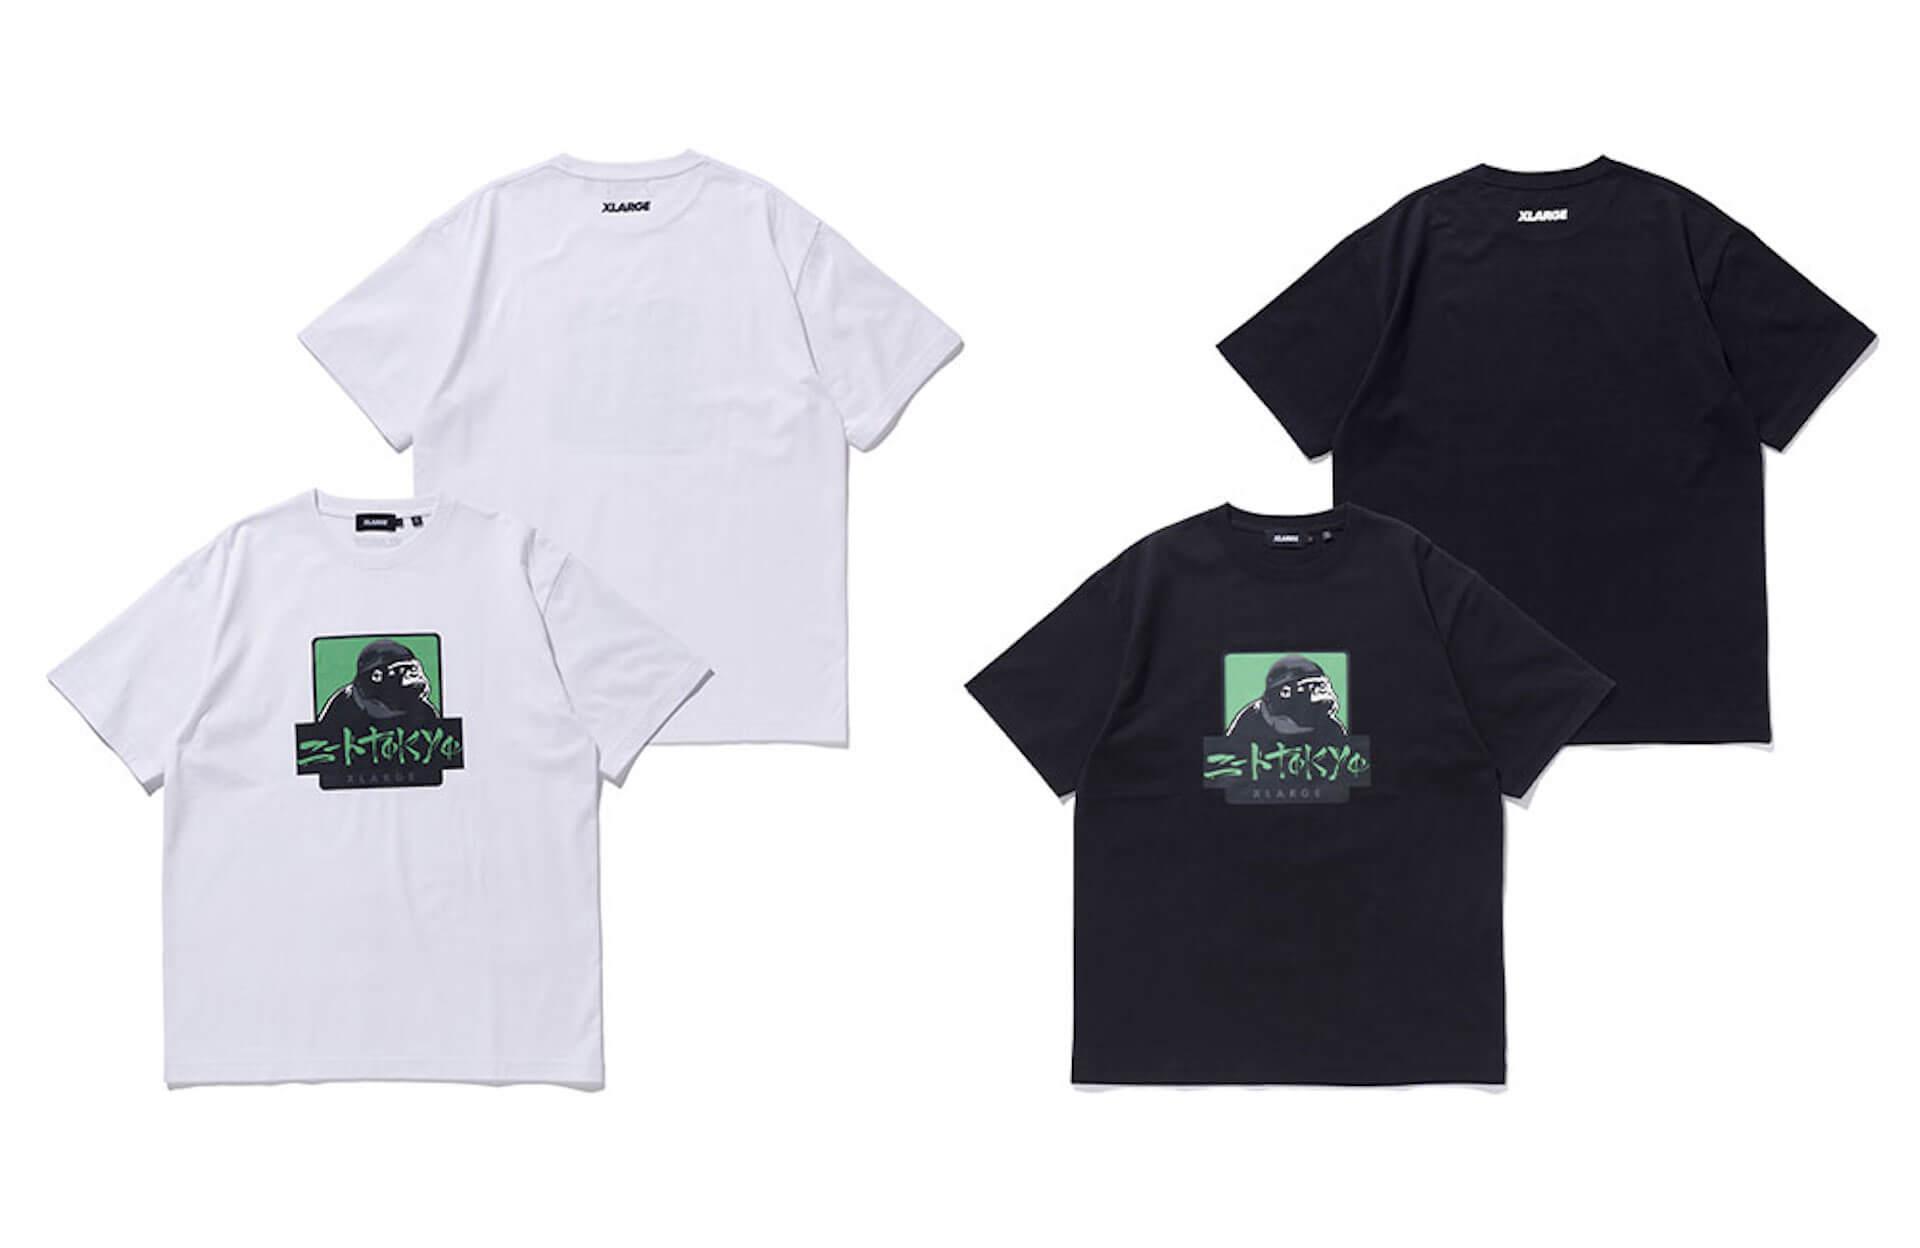 XLARGEとニートtokyoのコラボアイテムが4月20日発売!OGゴリラとのコラボロゴを配したTシャツ&ドゥーラグが登場 life210412_xlarge_neettokyo_2